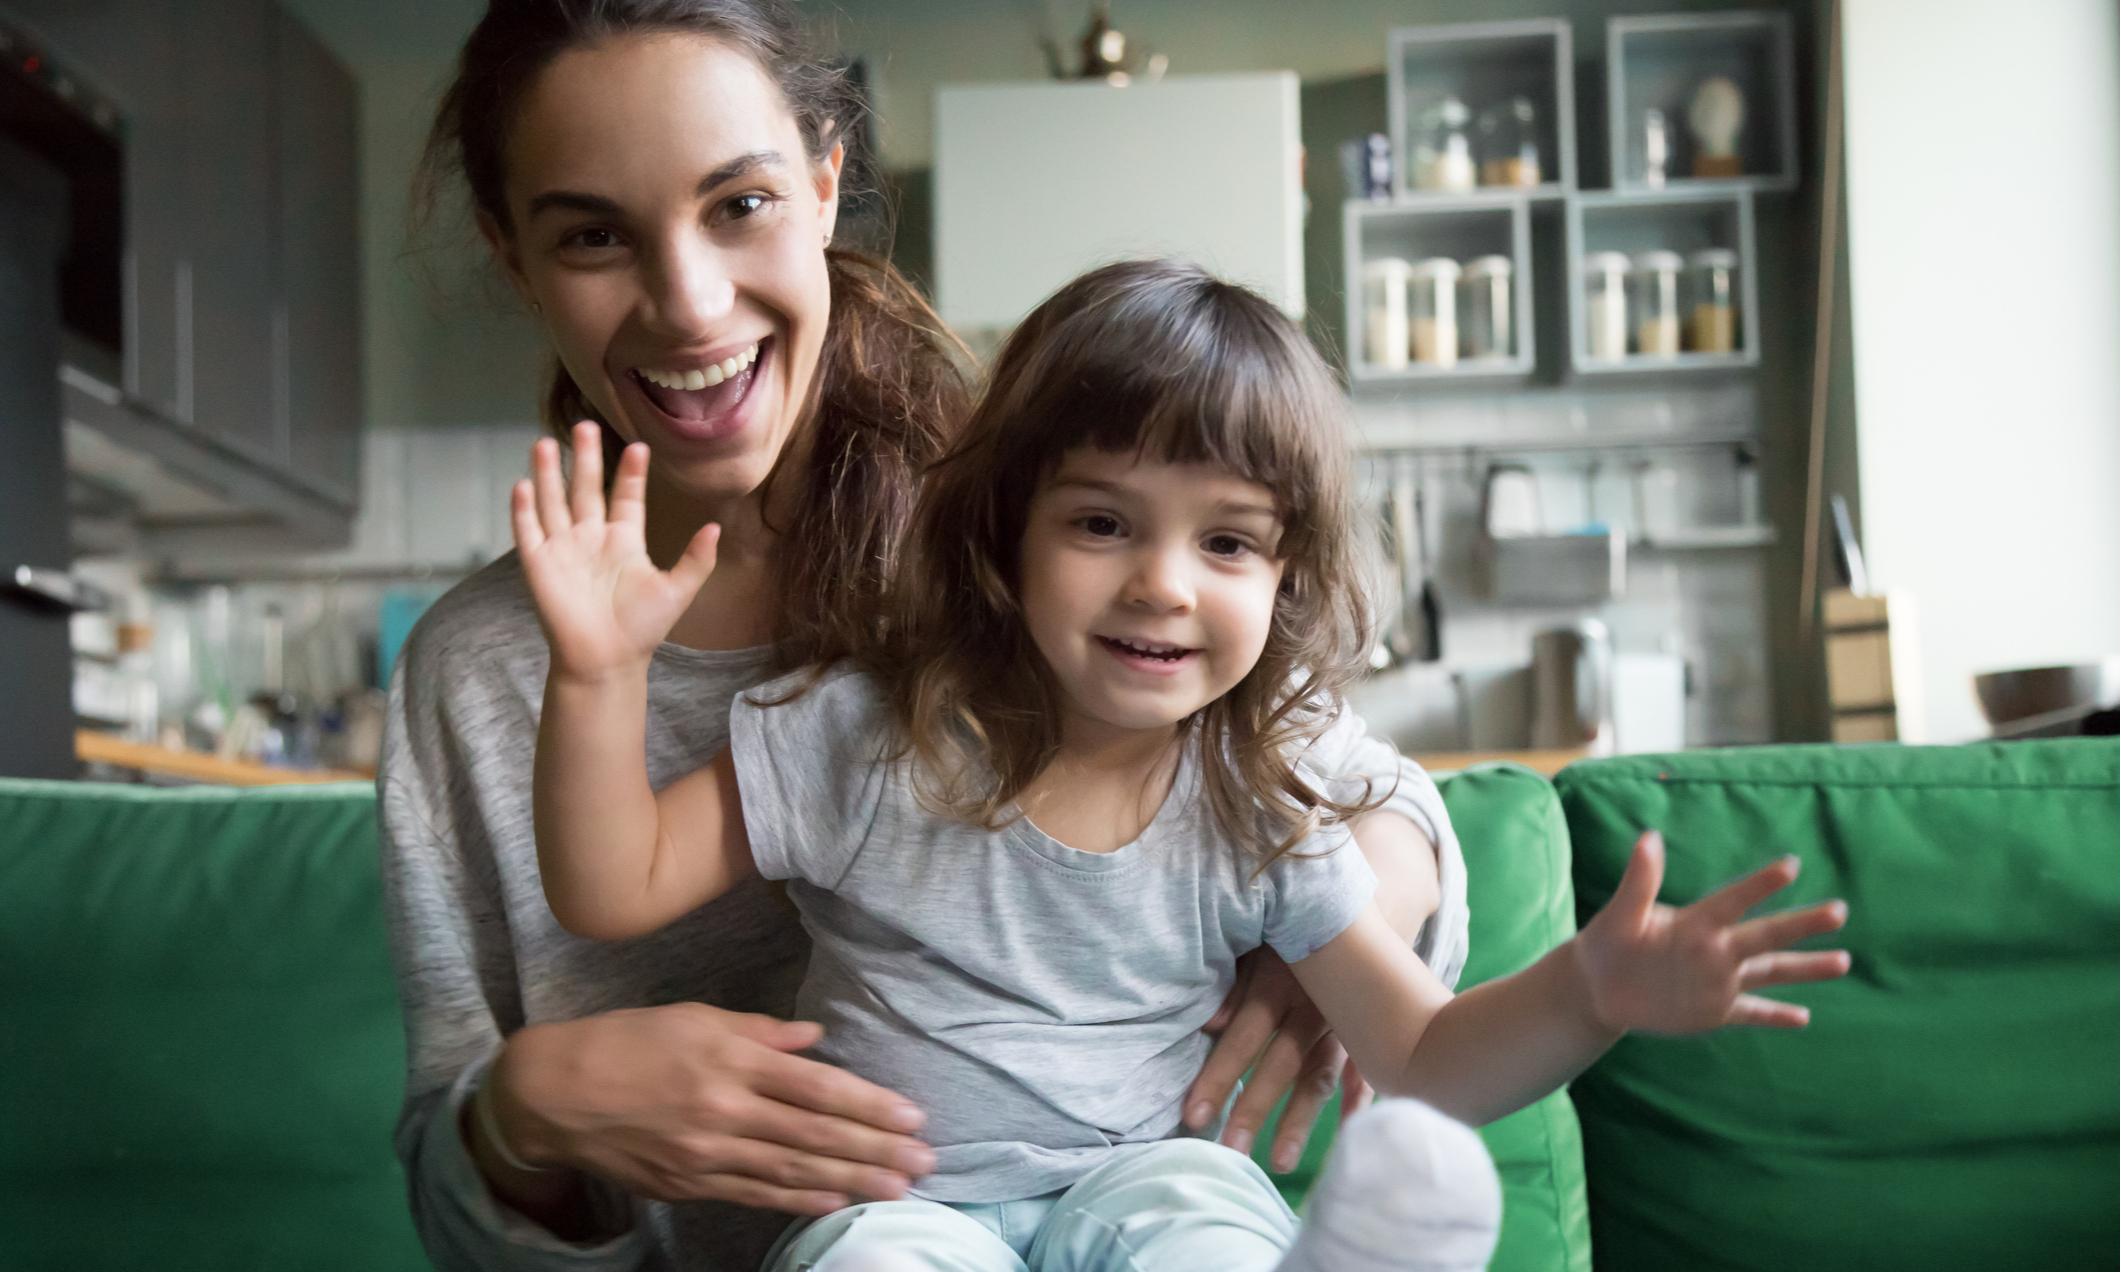 Чем заняться дома с детьми: бесплатные фильмы, книги и подкасты